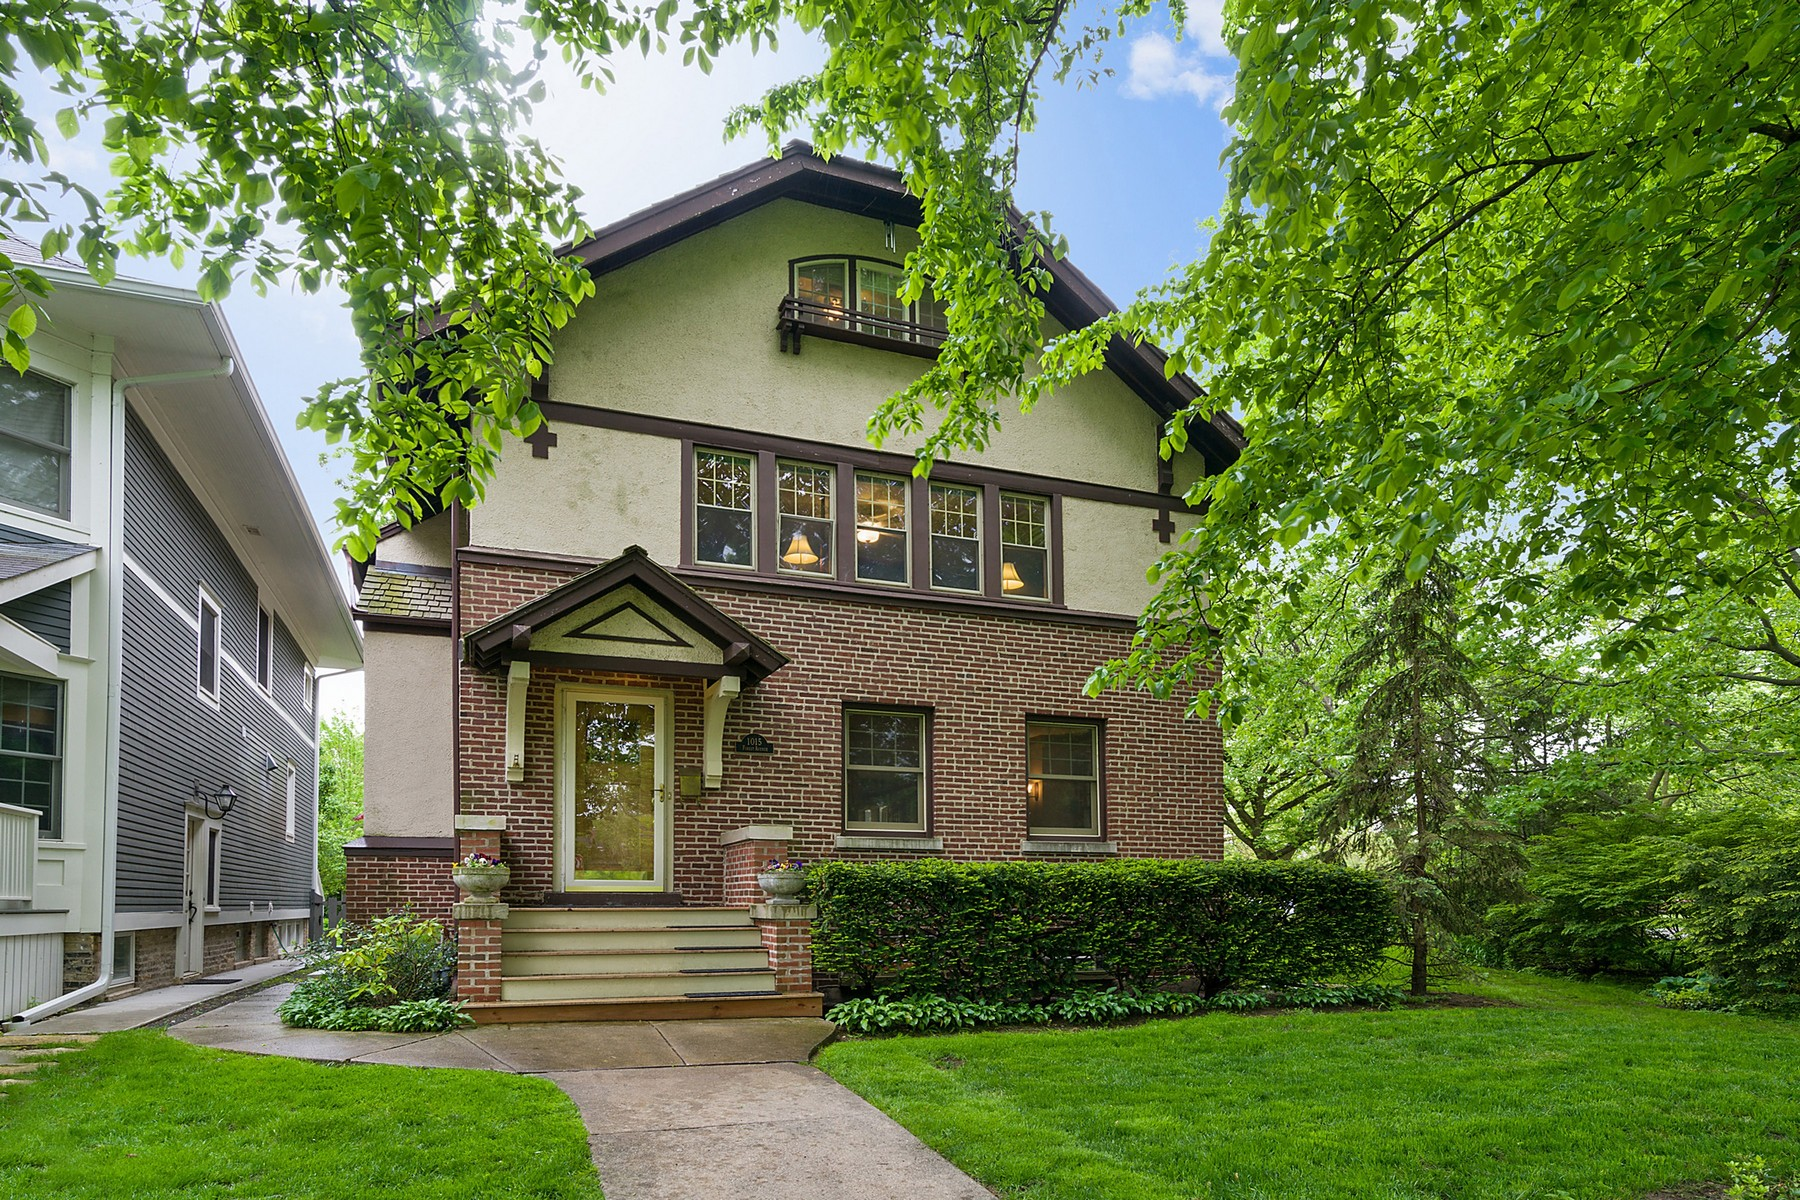 Maison unifamiliale pour l Vente à Great five Bedroom home 1015 Forest Wilmette, Illinois, 60091 États-Unis